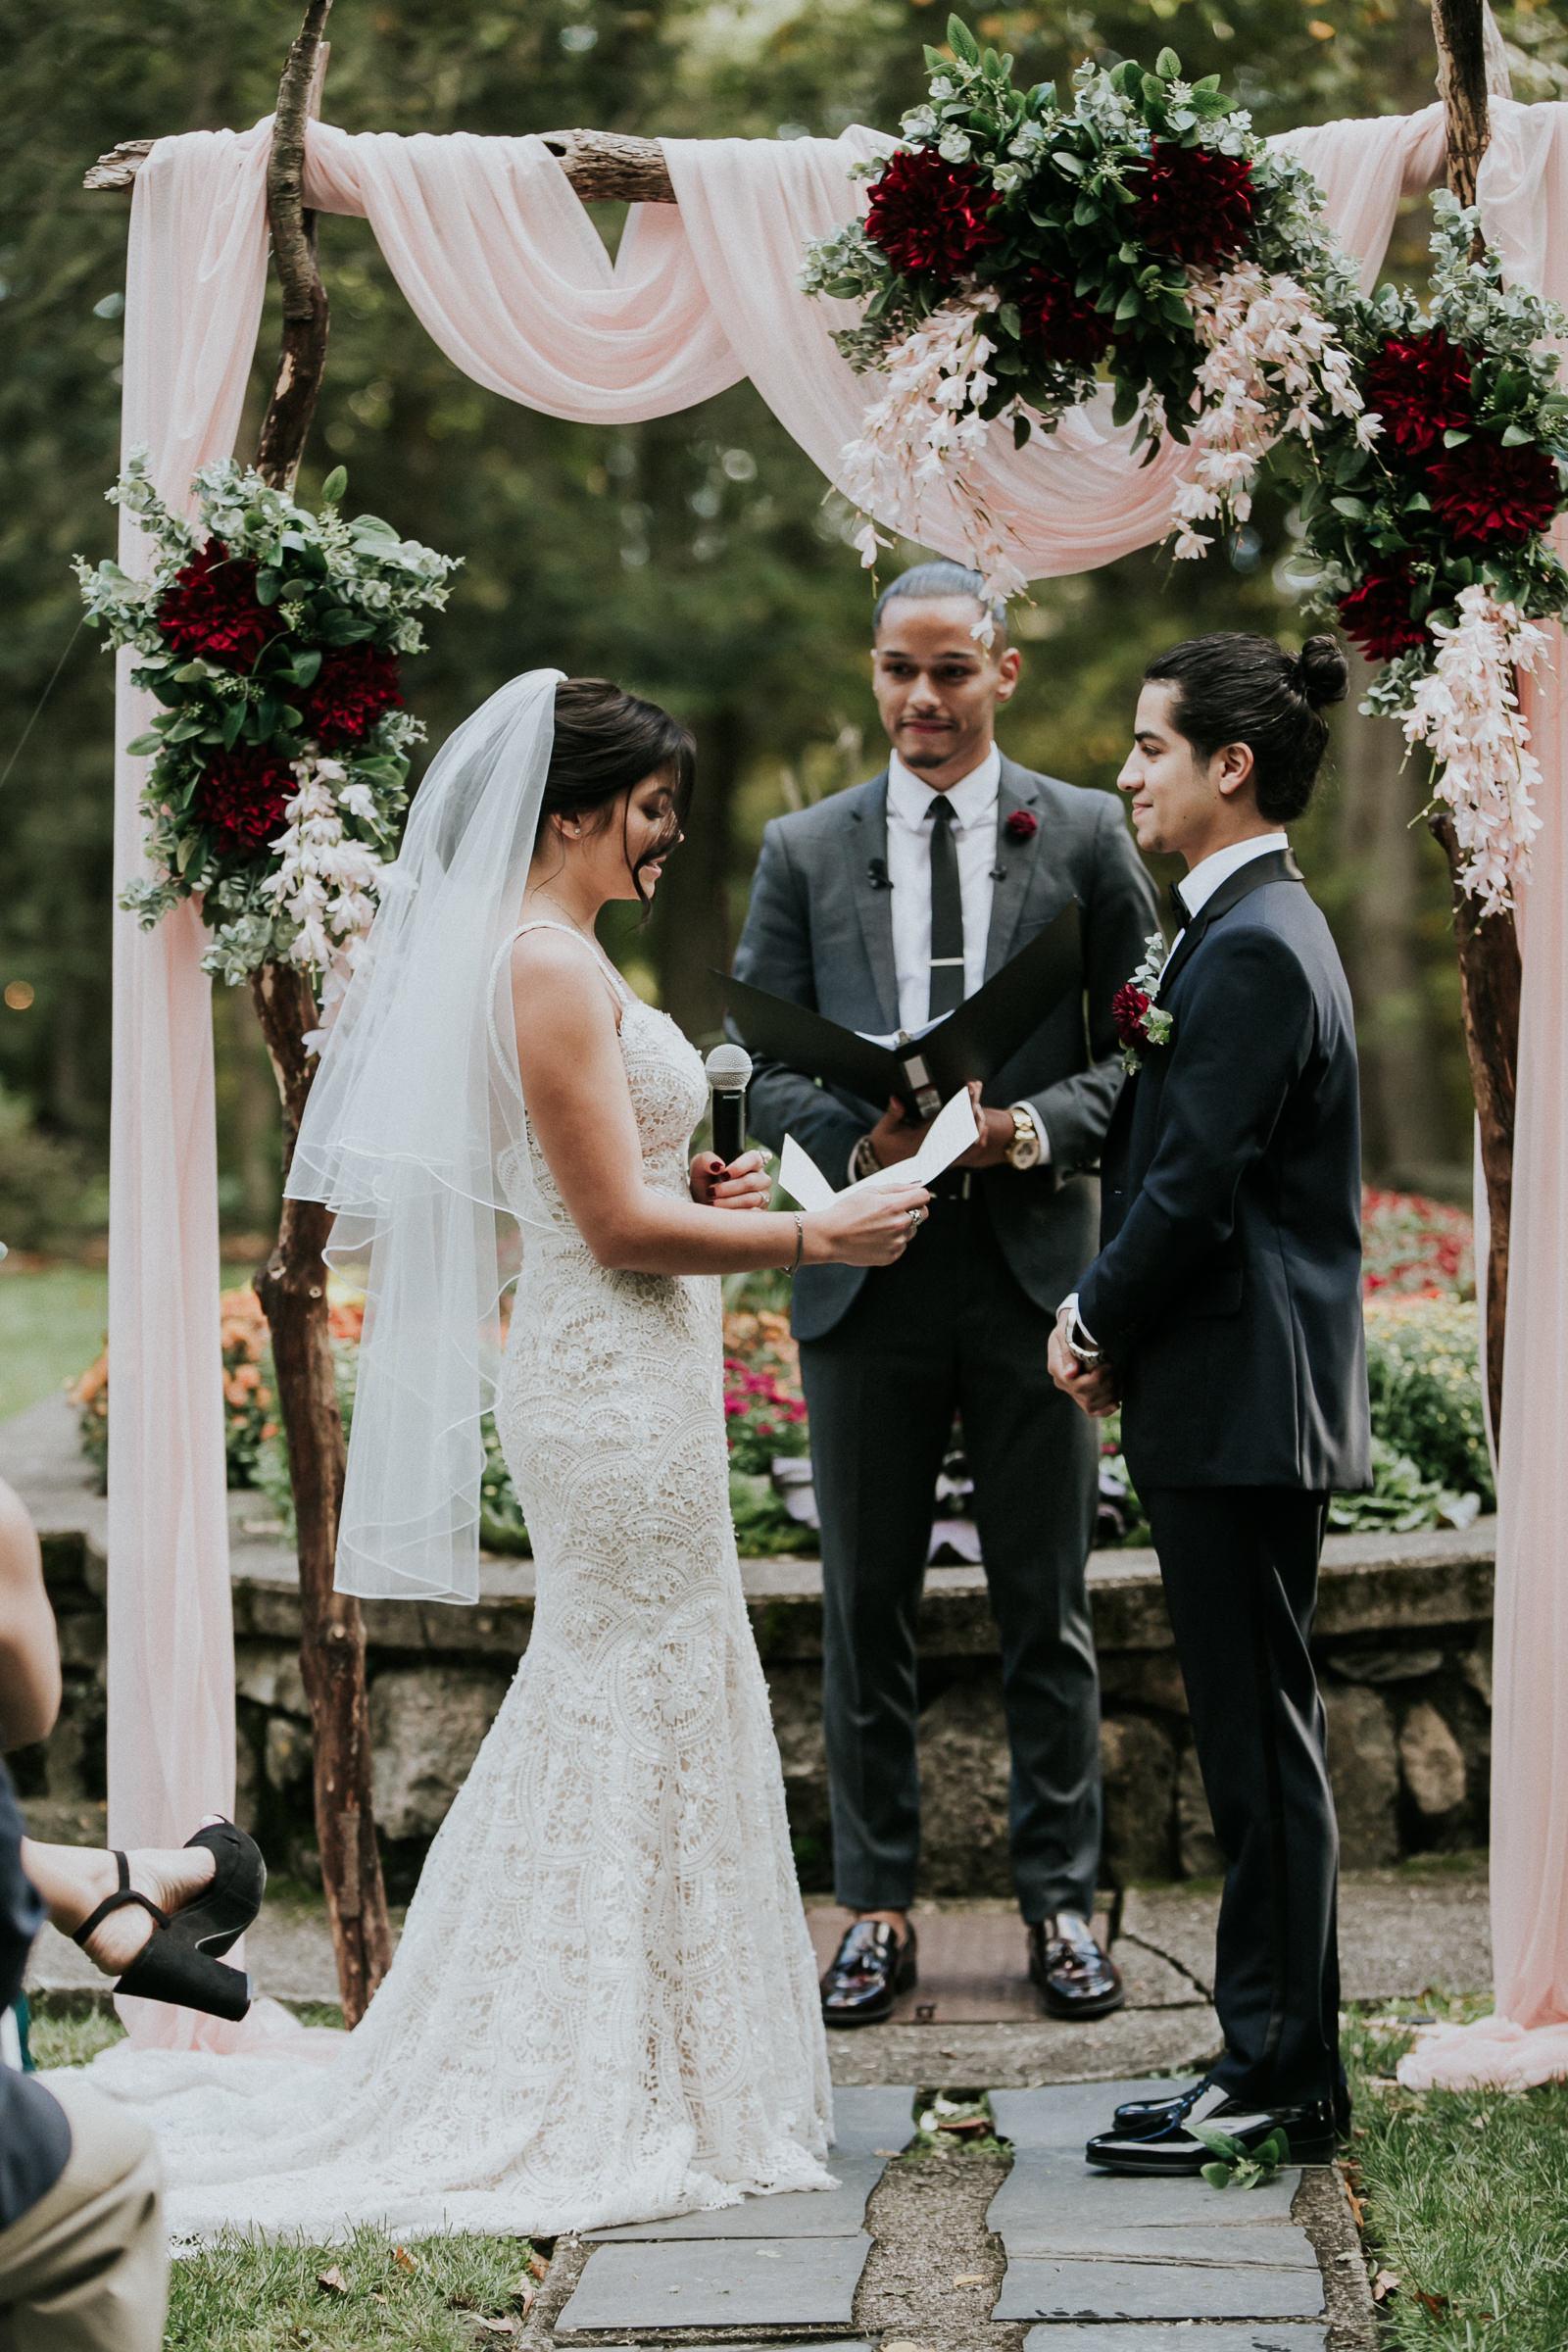 Arrow-Park-Monroe-NY-Documentary-Wedding-Photographer-55.jpg